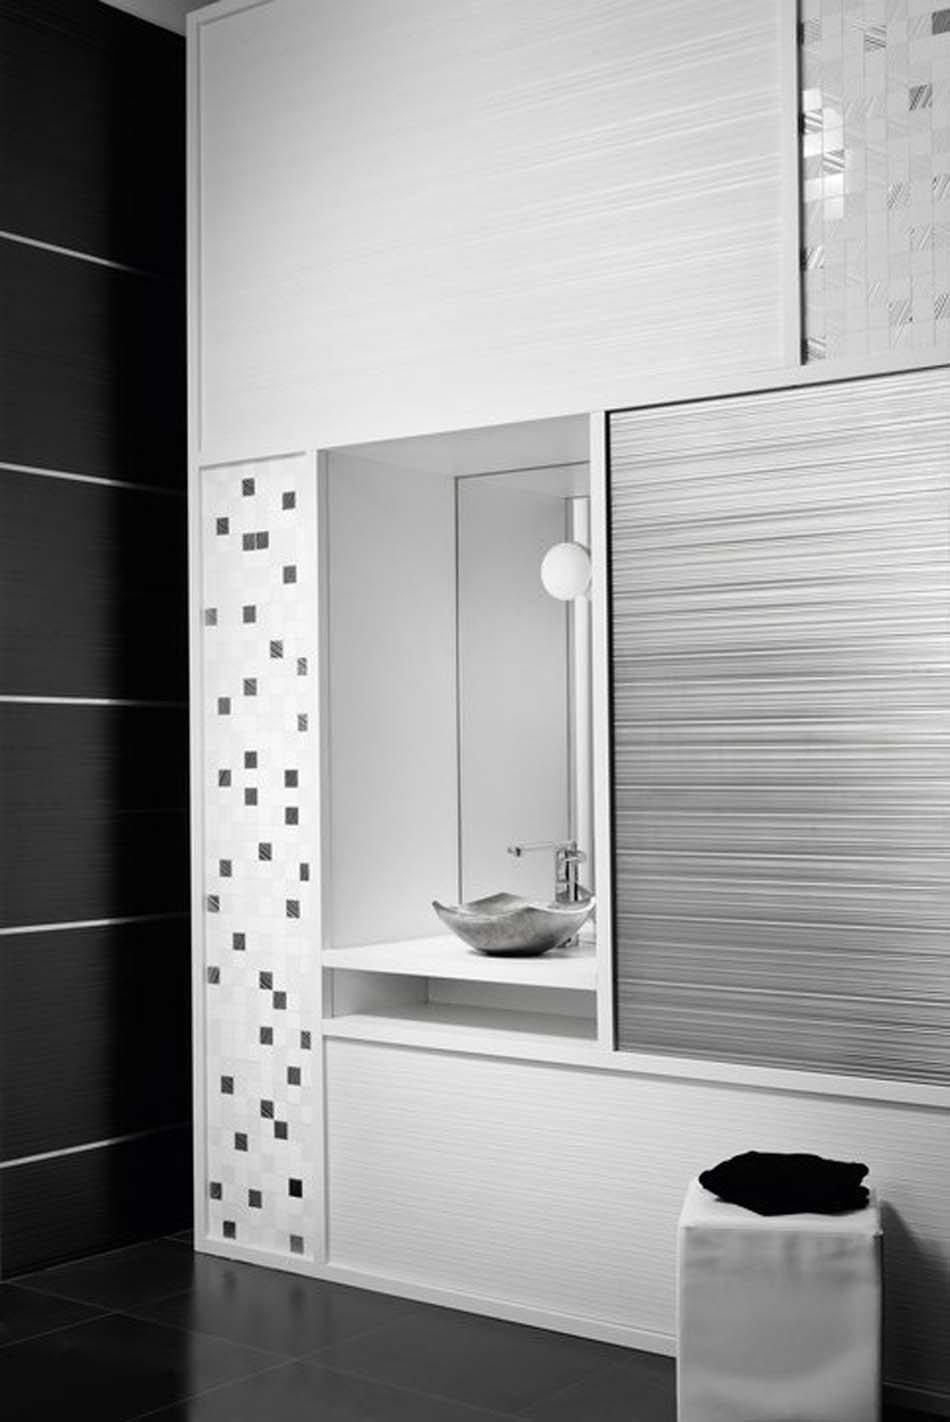 Salle de bain contemporaine à l'allure élégante et zen par aparici ...